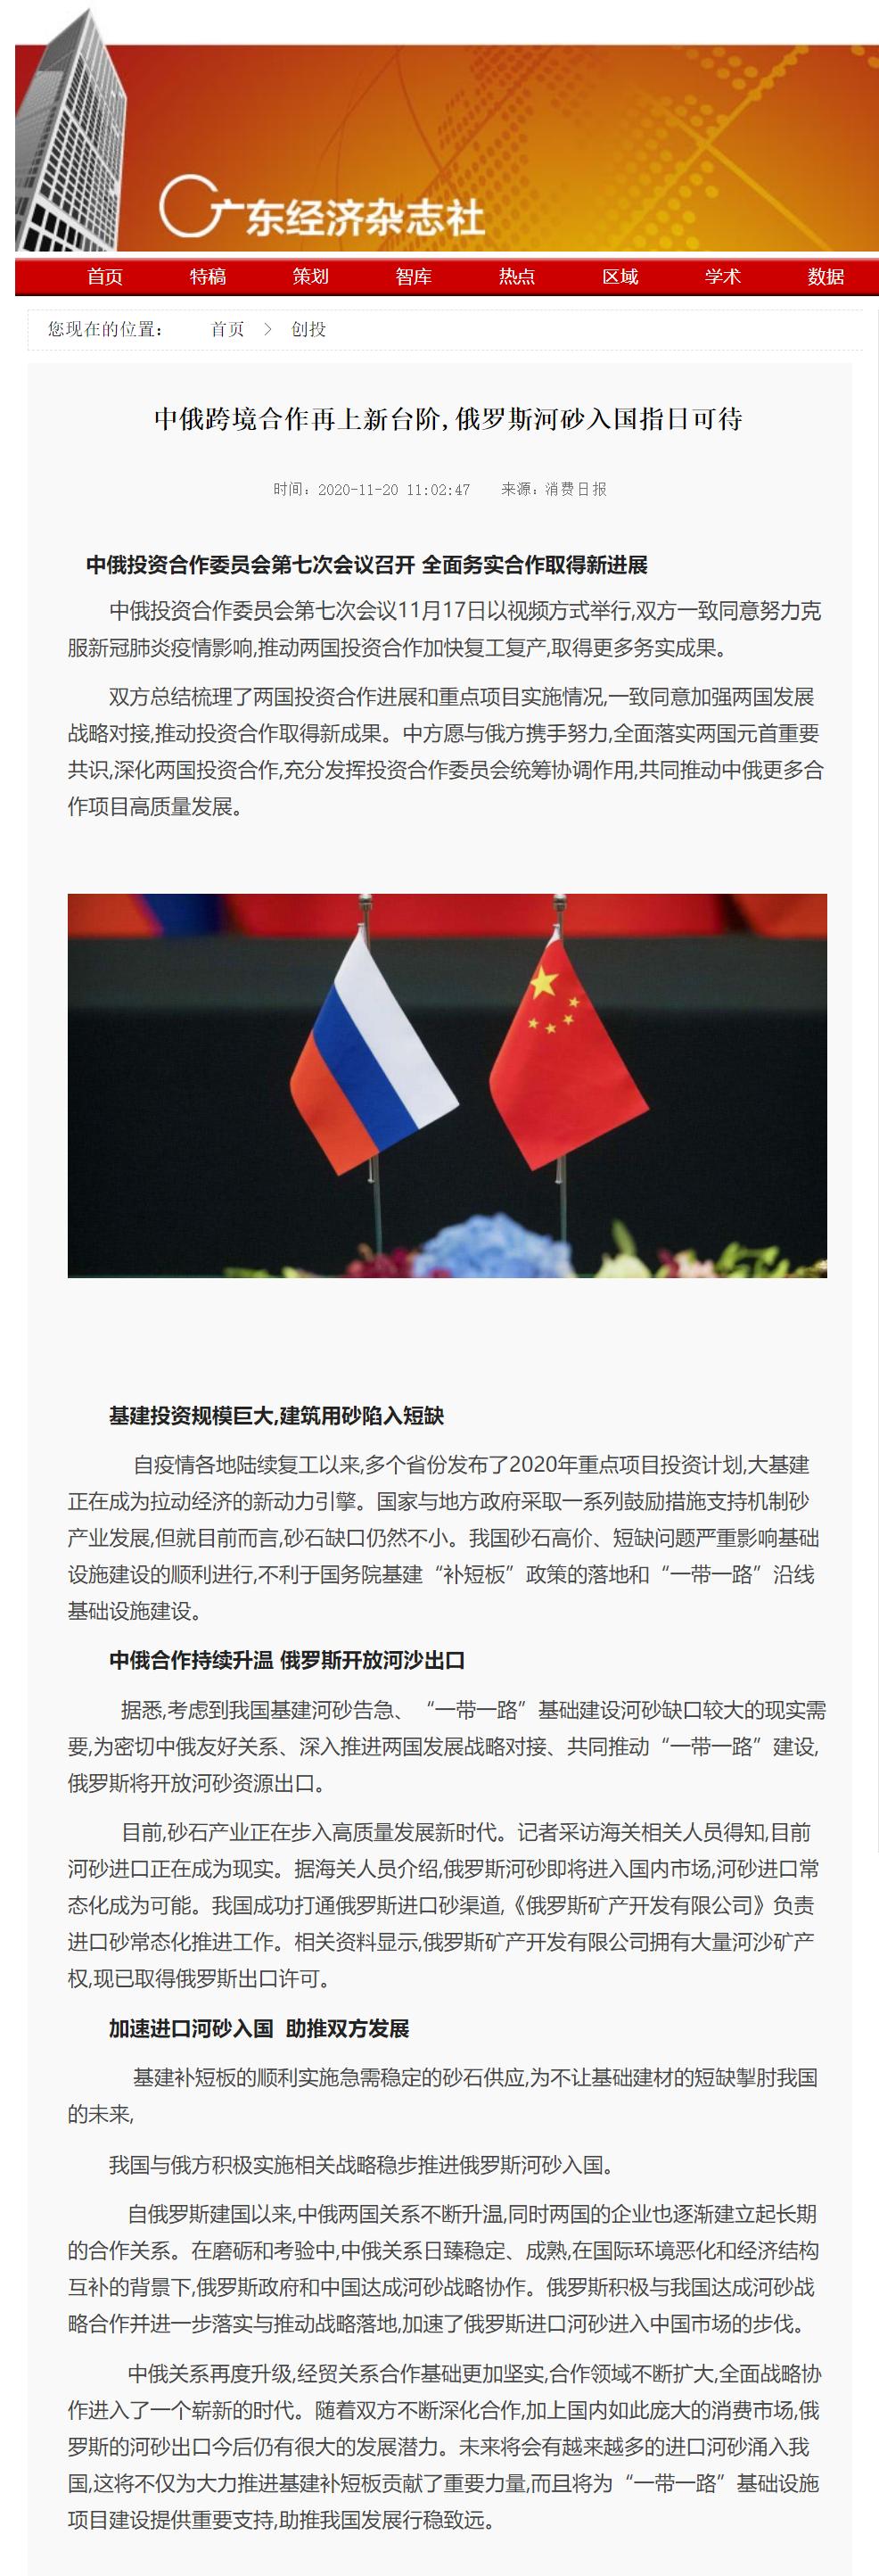 党刊《广东经济》